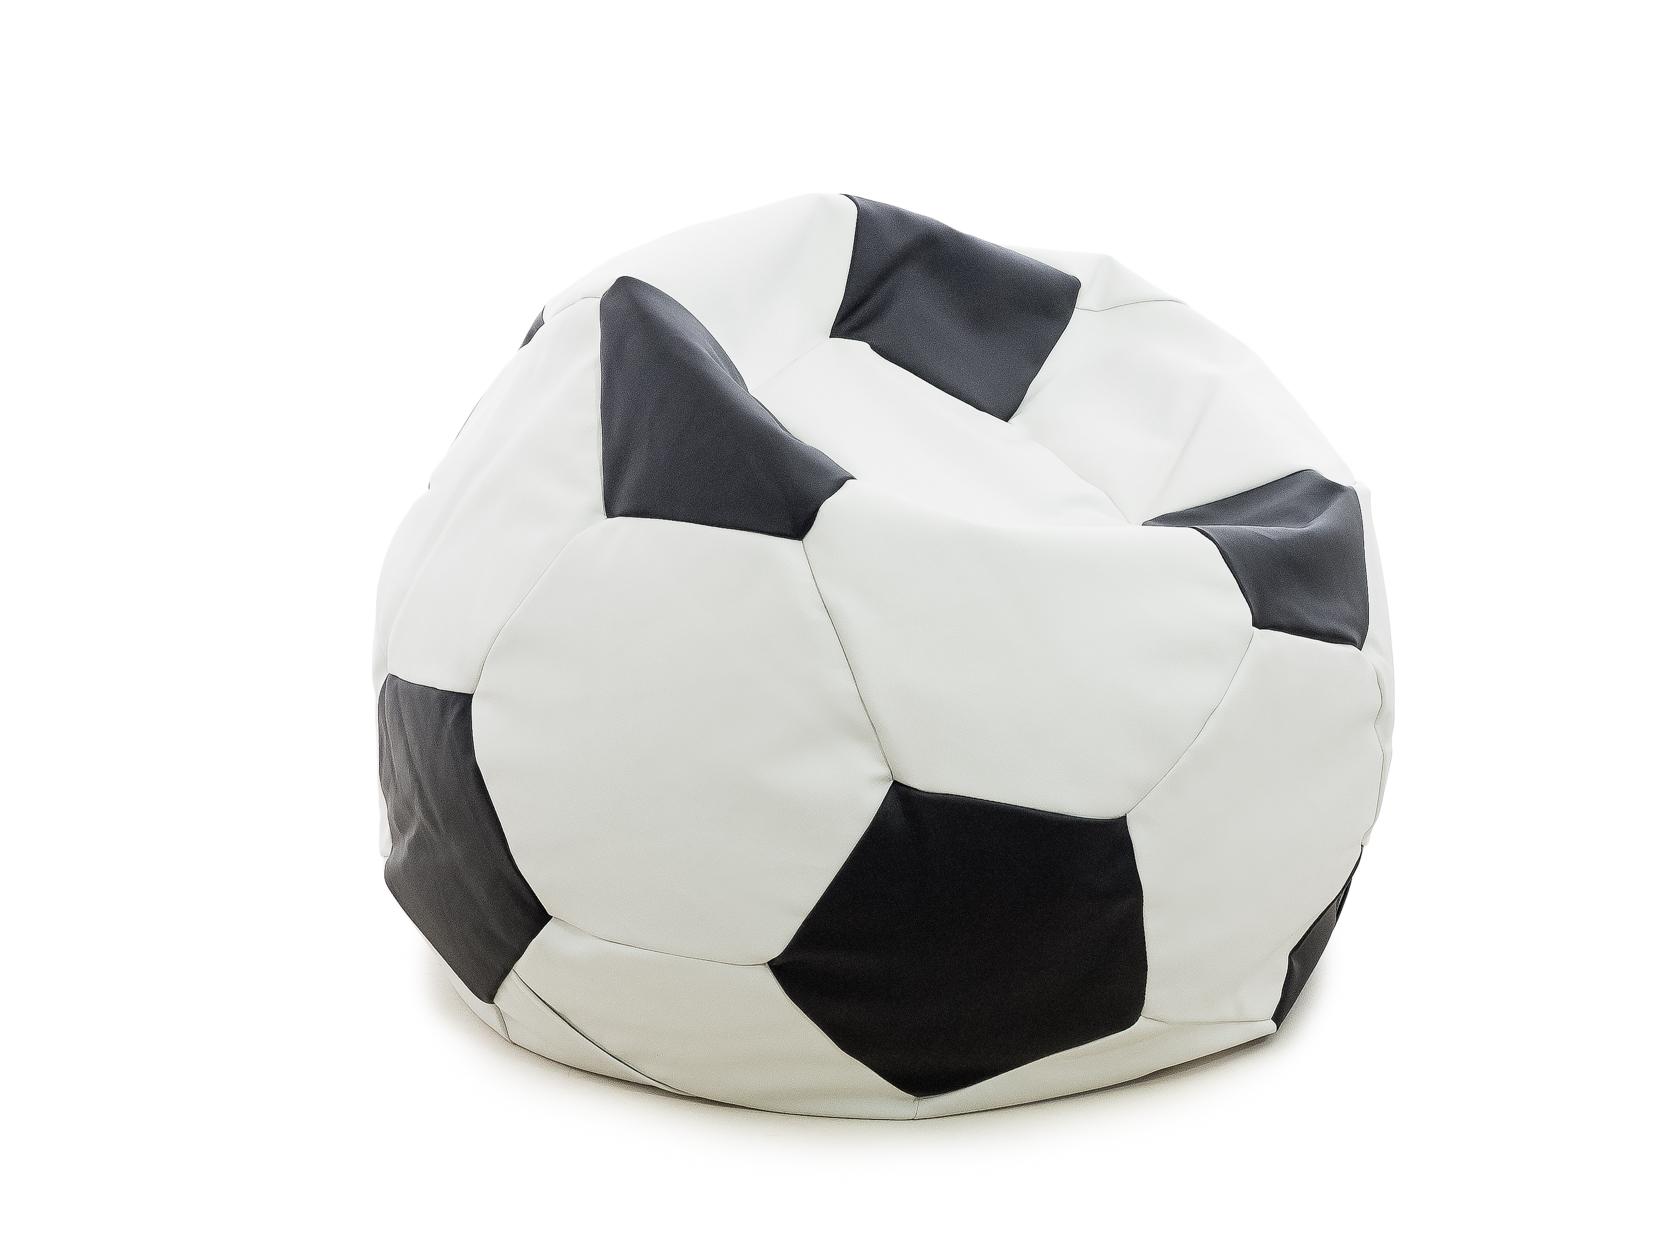 Кресло-мяч DreamBag Мяч, размер S, экокожа, белый; черный фото